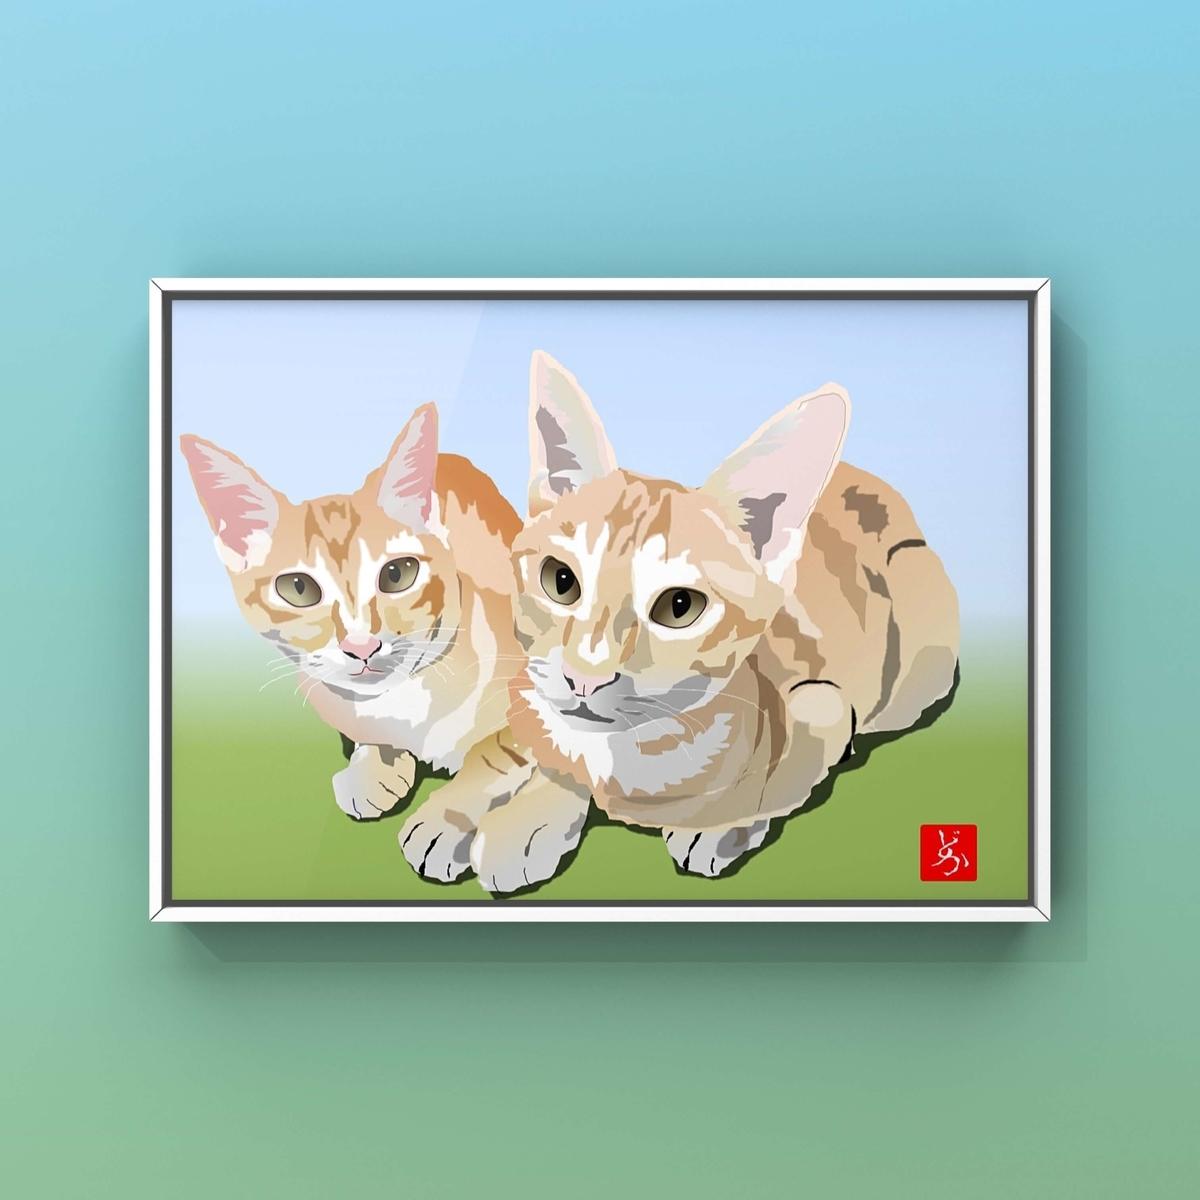 知人の飼い猫のエクセル画イラスト額装版